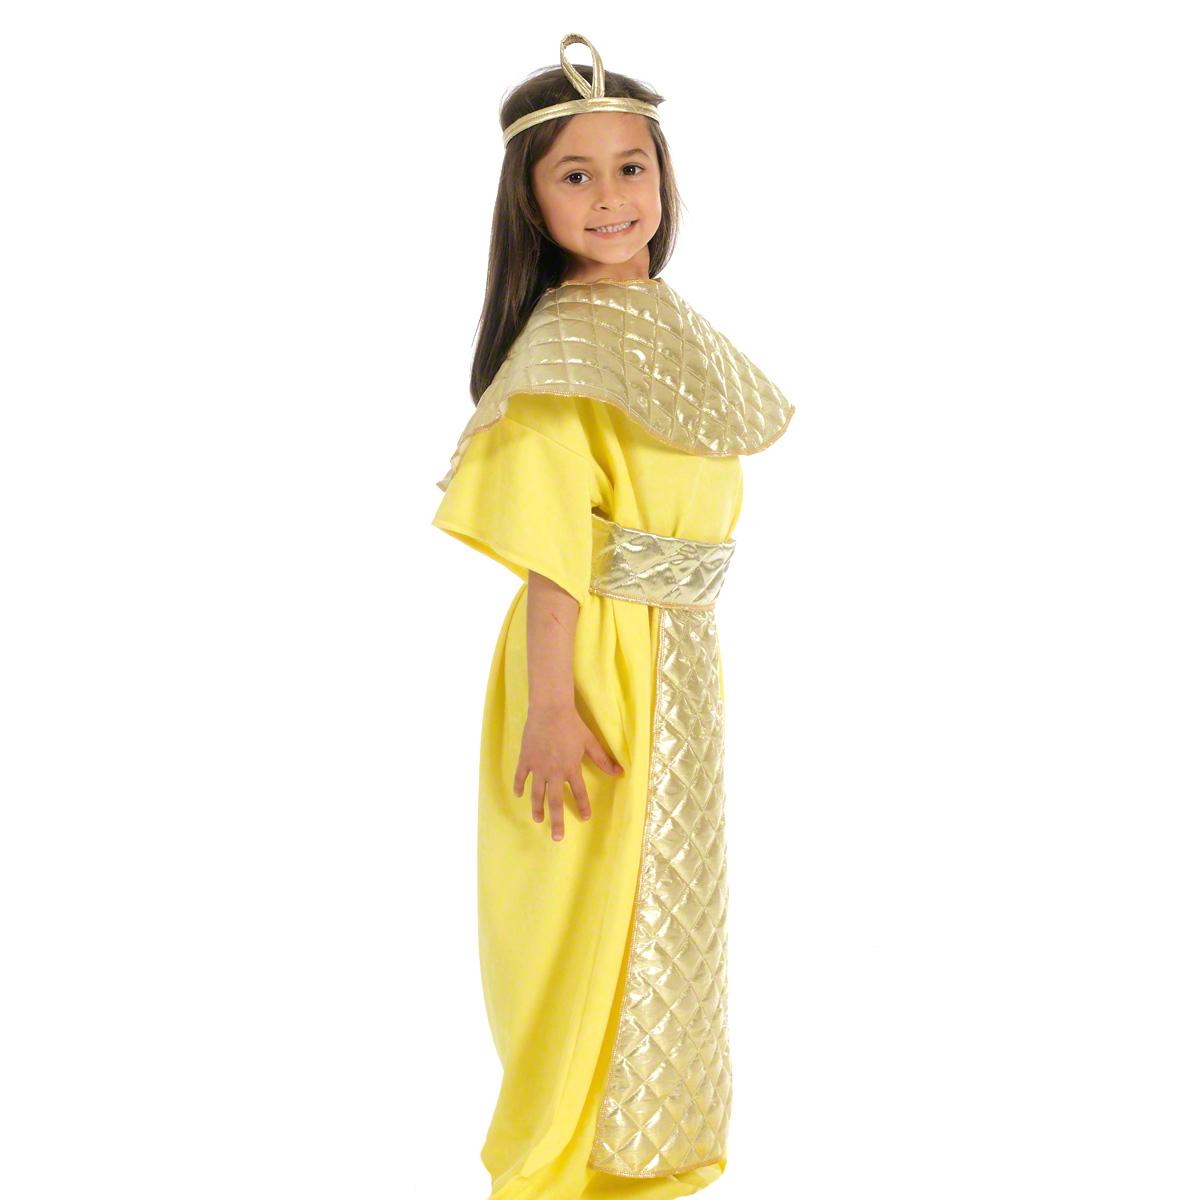 kinder kleopatra kost m clio gyptisches outfit verkleiden. Black Bedroom Furniture Sets. Home Design Ideas